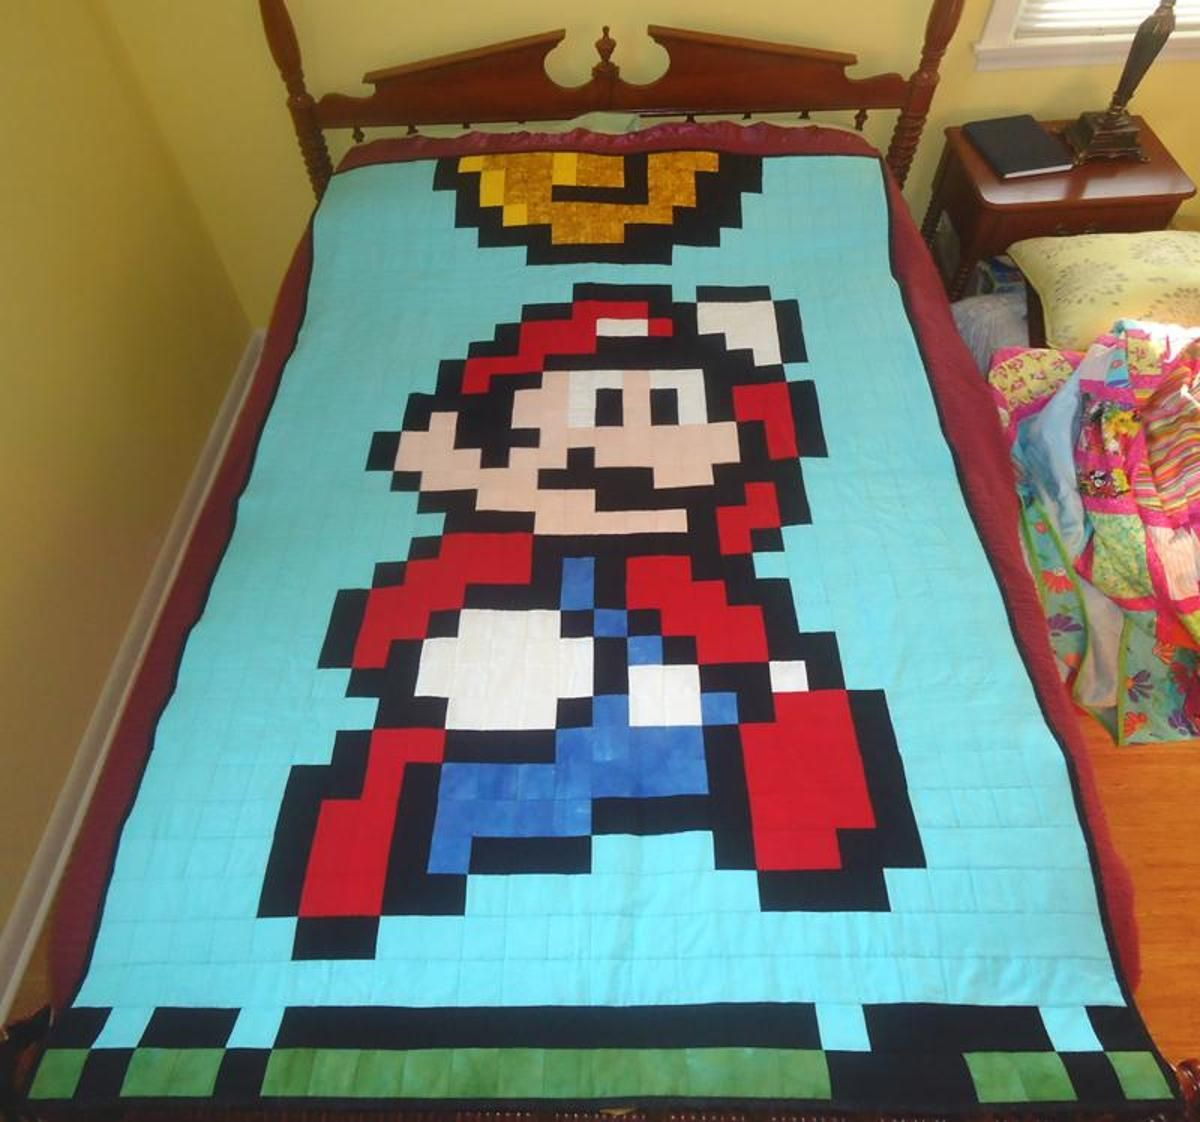 8 Bit Mario Quilt Craftsy Mario Quilt Pattern Mario Quilt Pixel Quilting